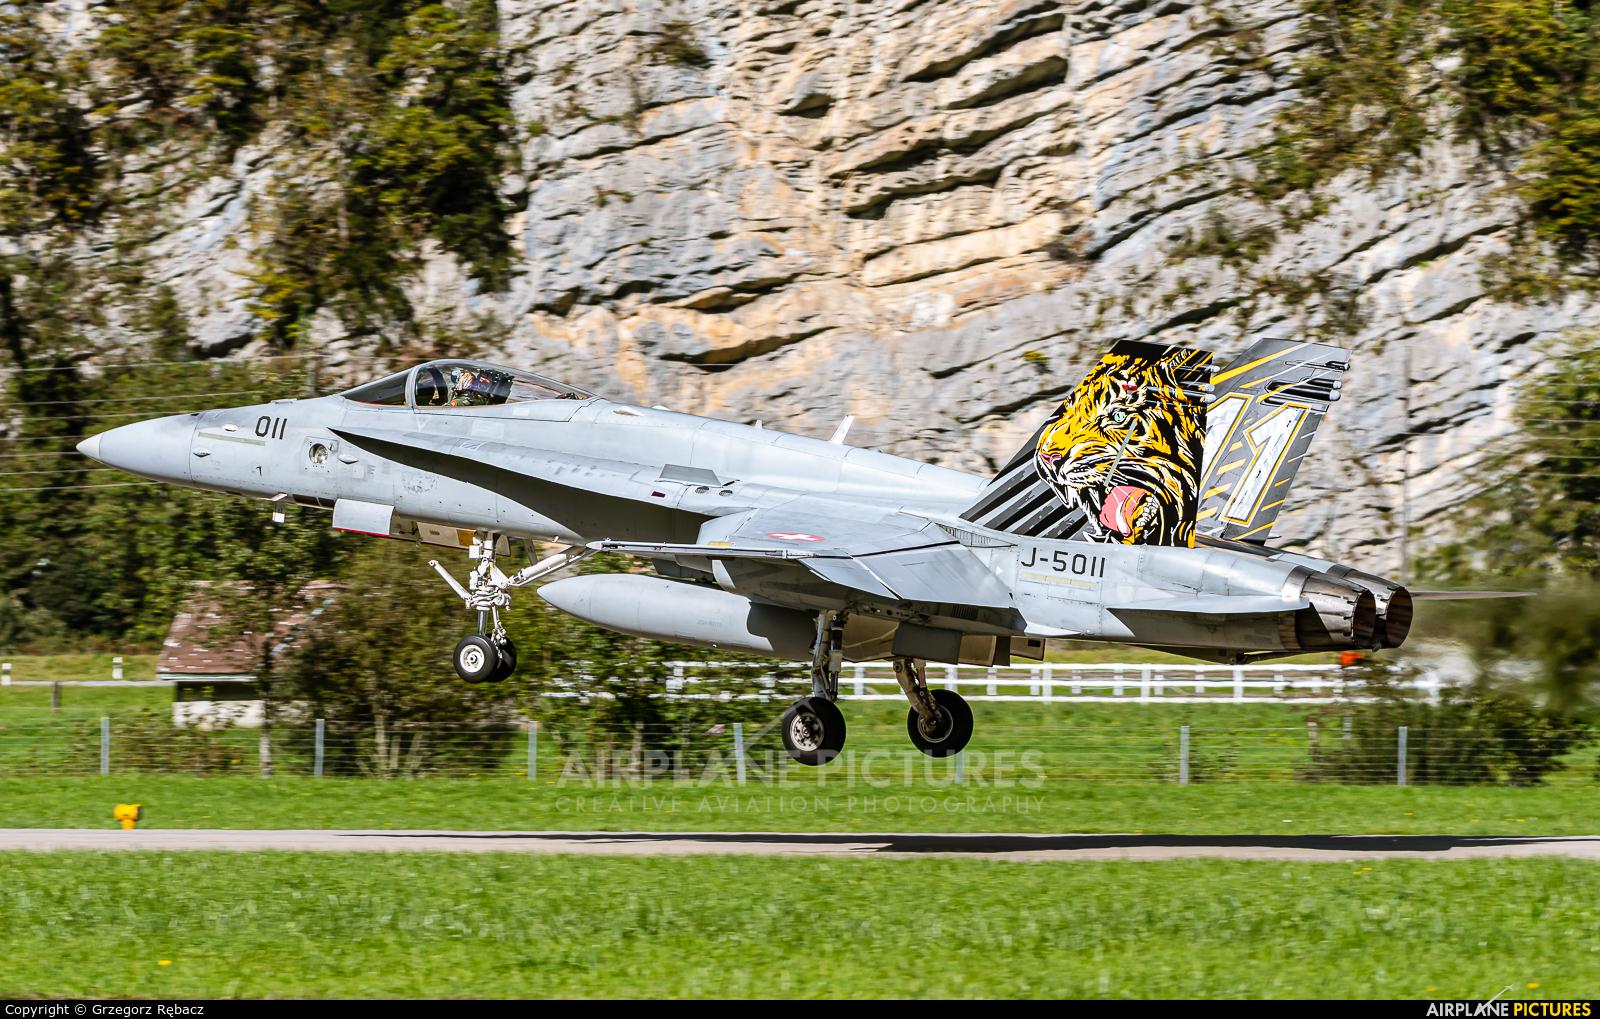 Switzerland - Air Force J-5011 aircraft at Meiringen